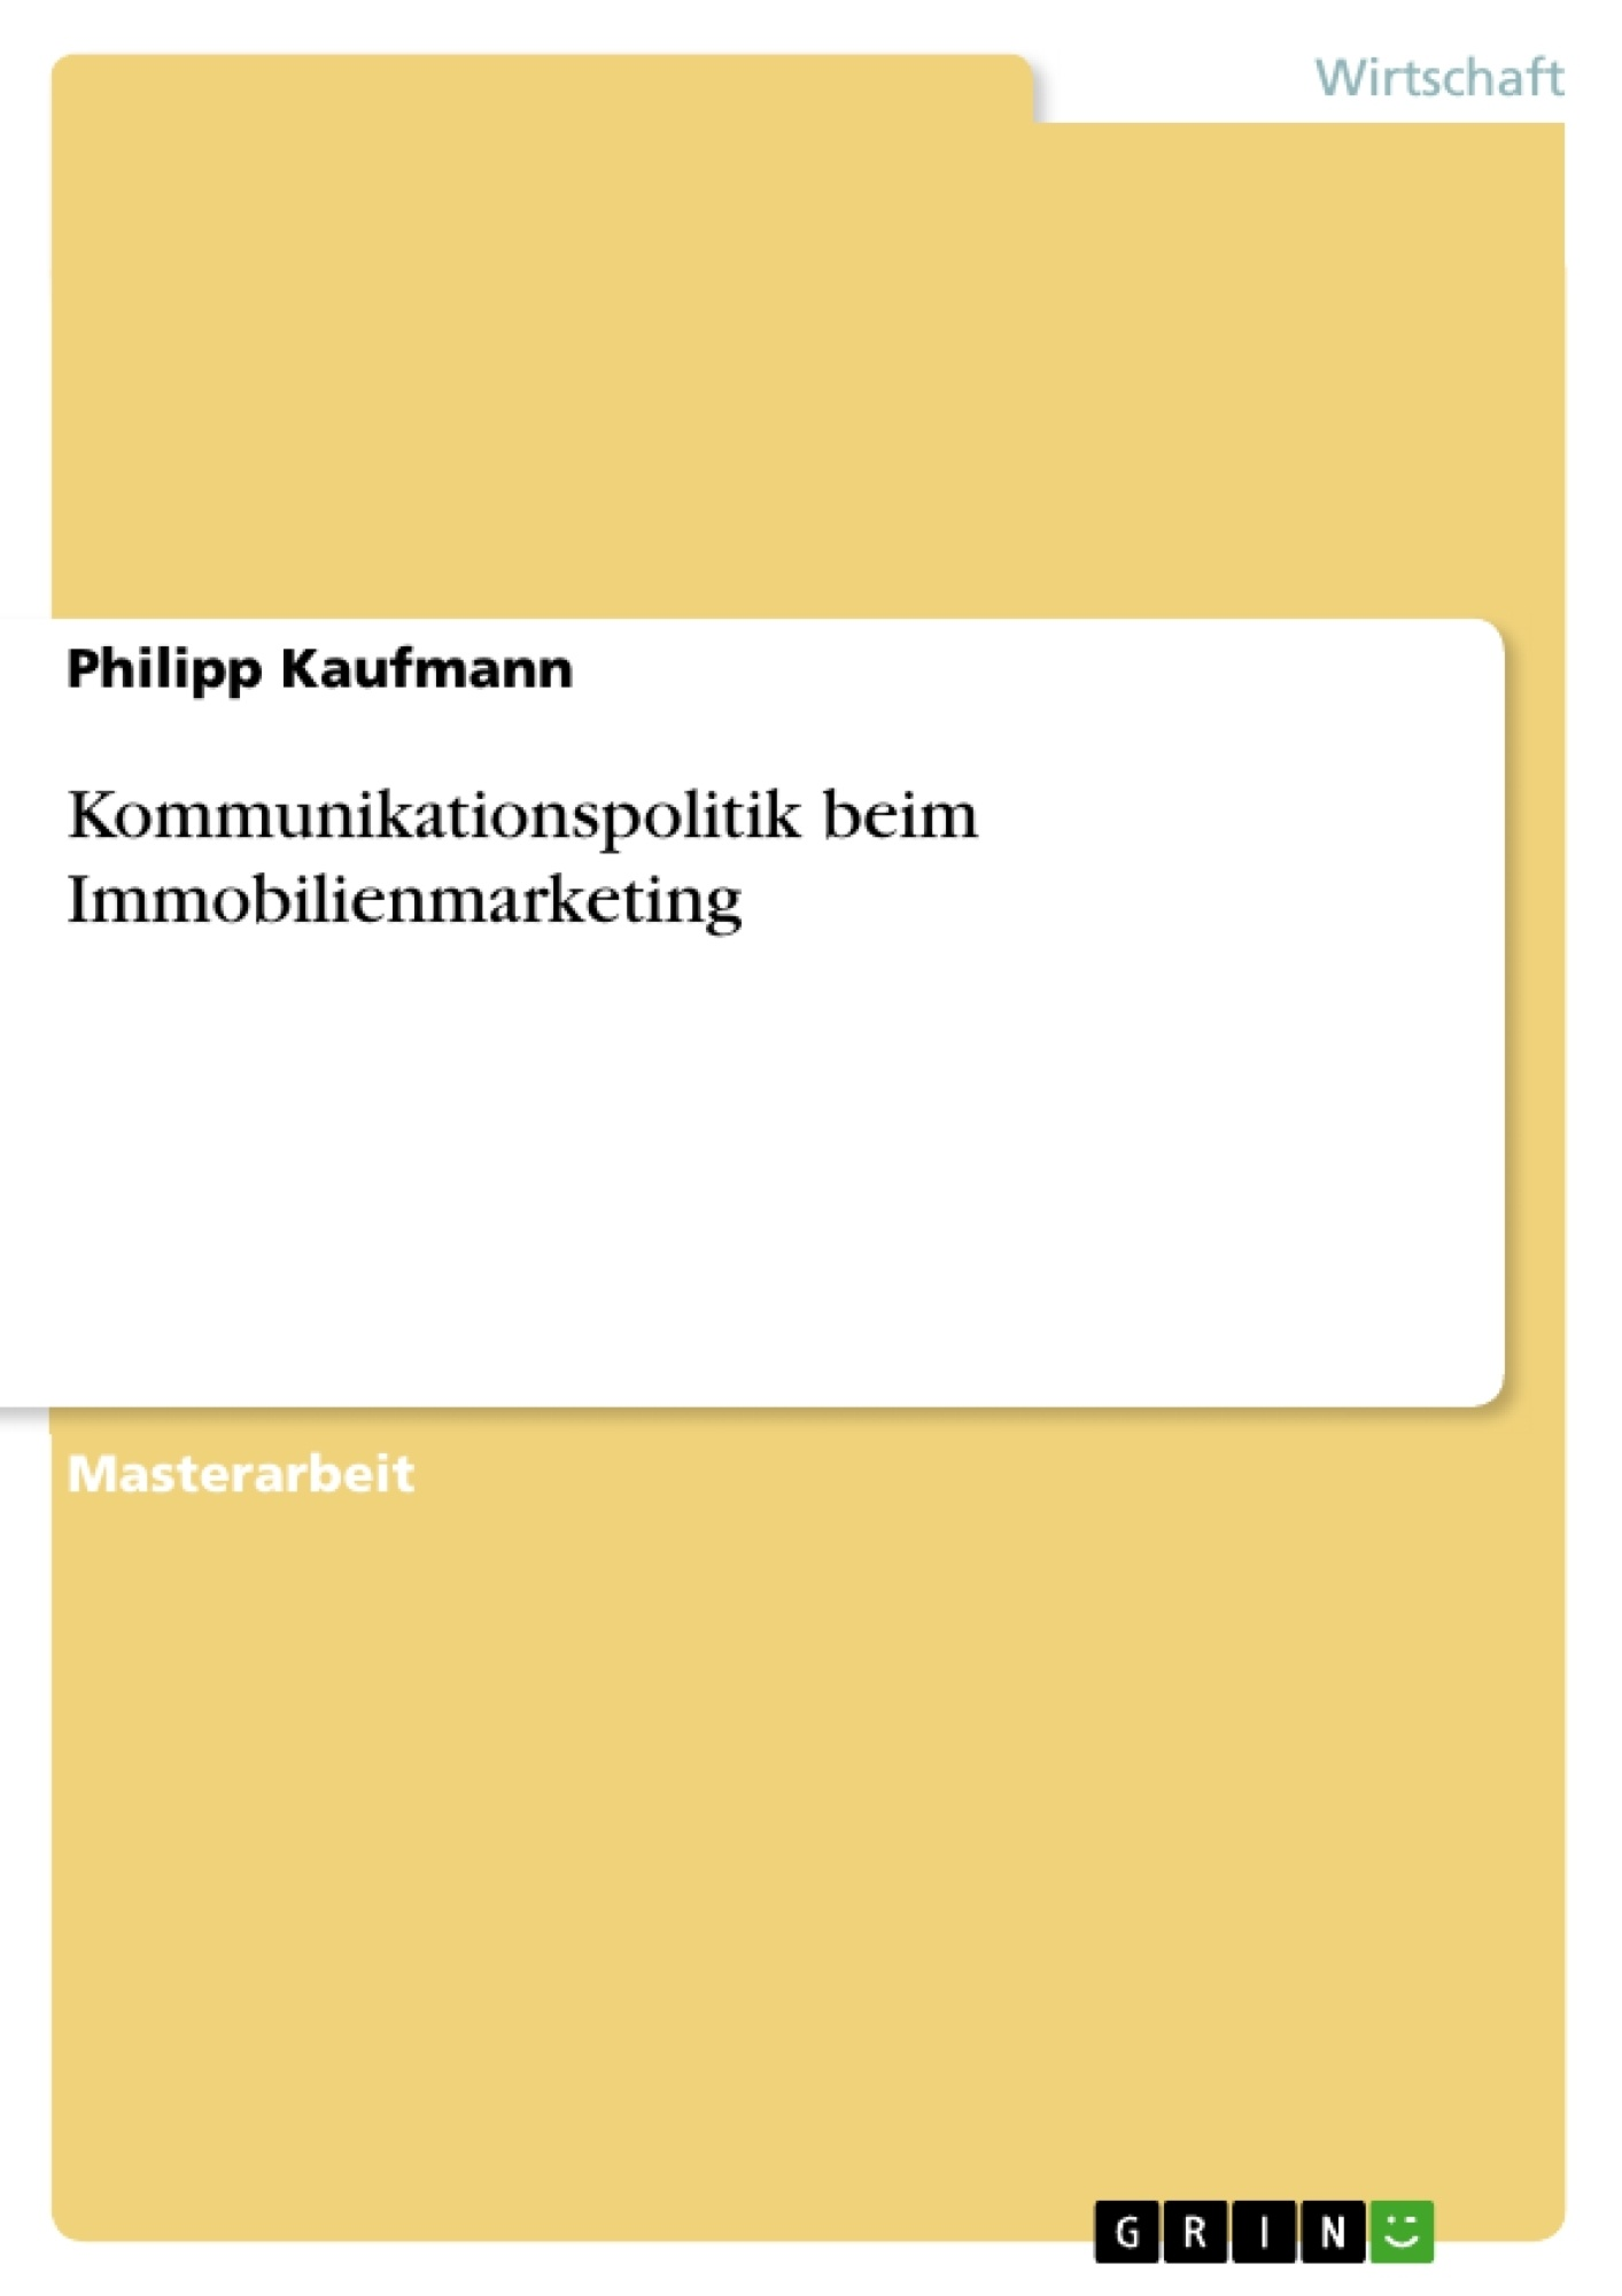 Titel: Kommunikationspolitik beim Immobilienmarketing